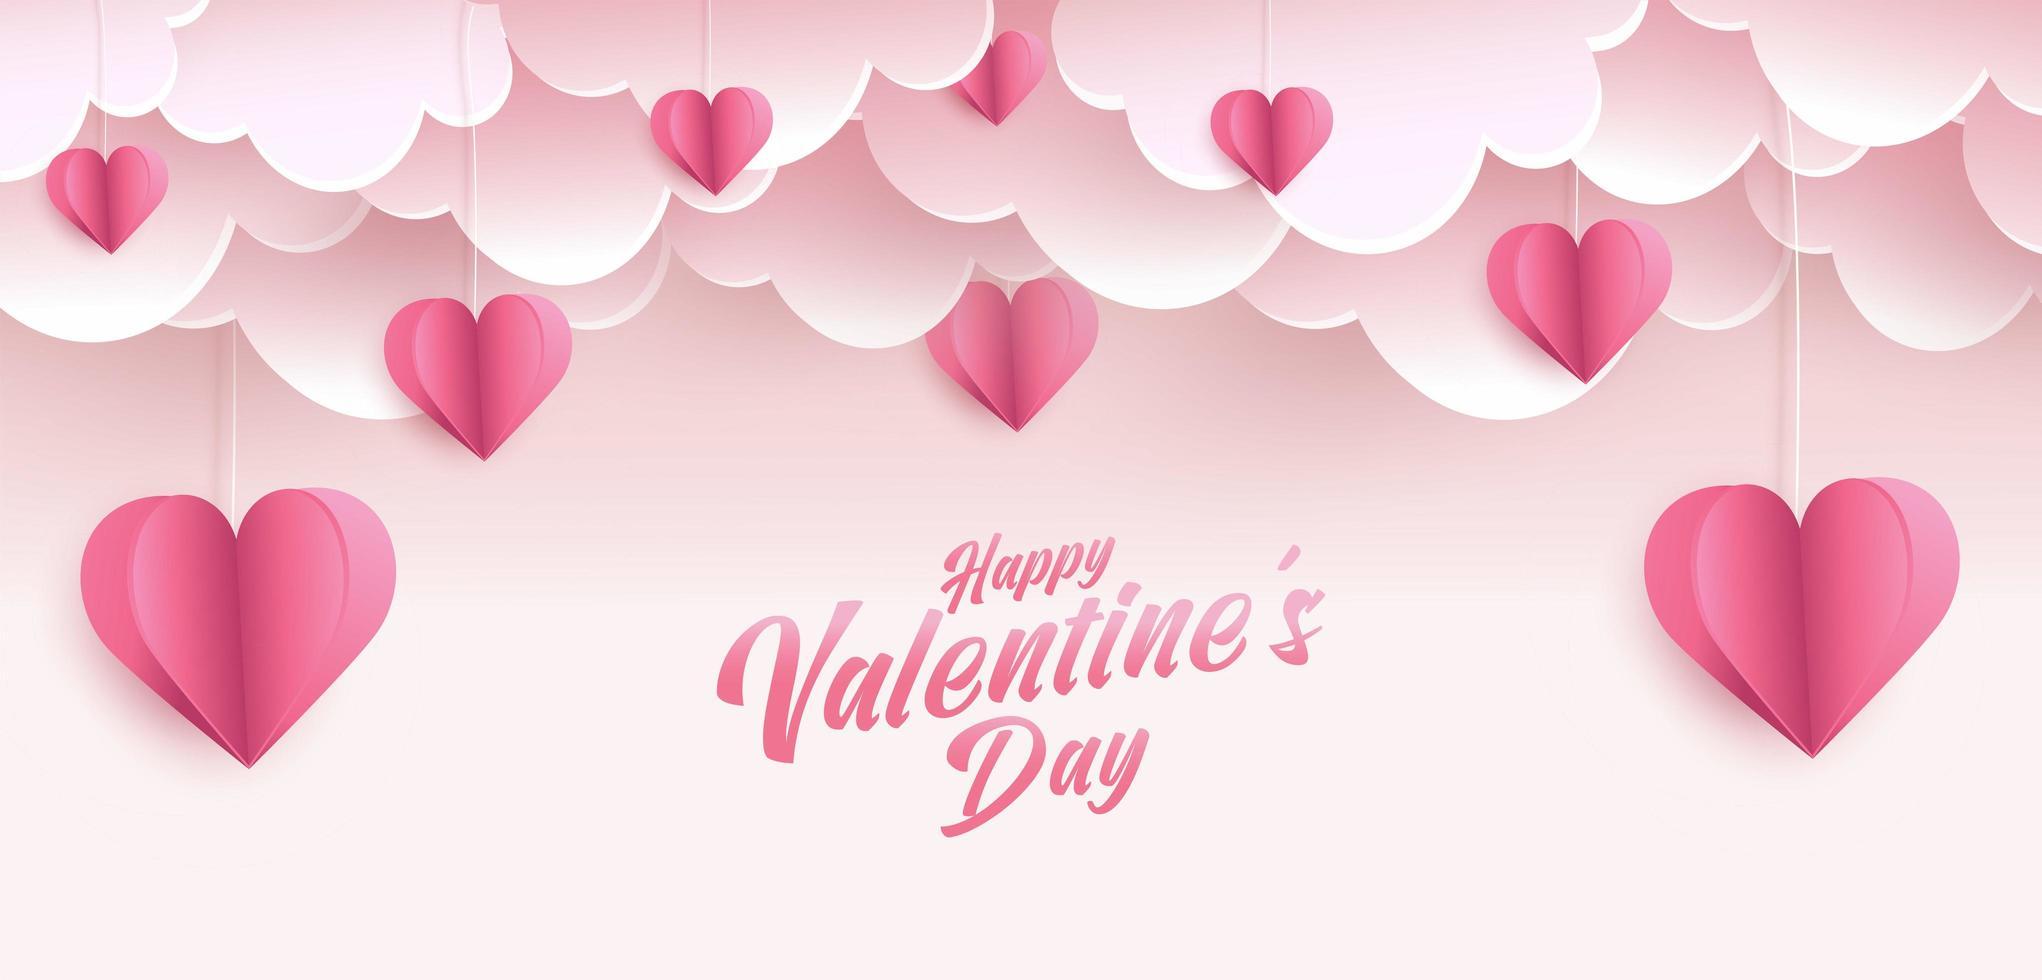 Diseño de tarjeta de felicitación de feliz día de San Valentín. banner de vacaciones con formas de corazón de estilo de arte de papel. arte en papel e ilustración de estilo artesanal digital vector